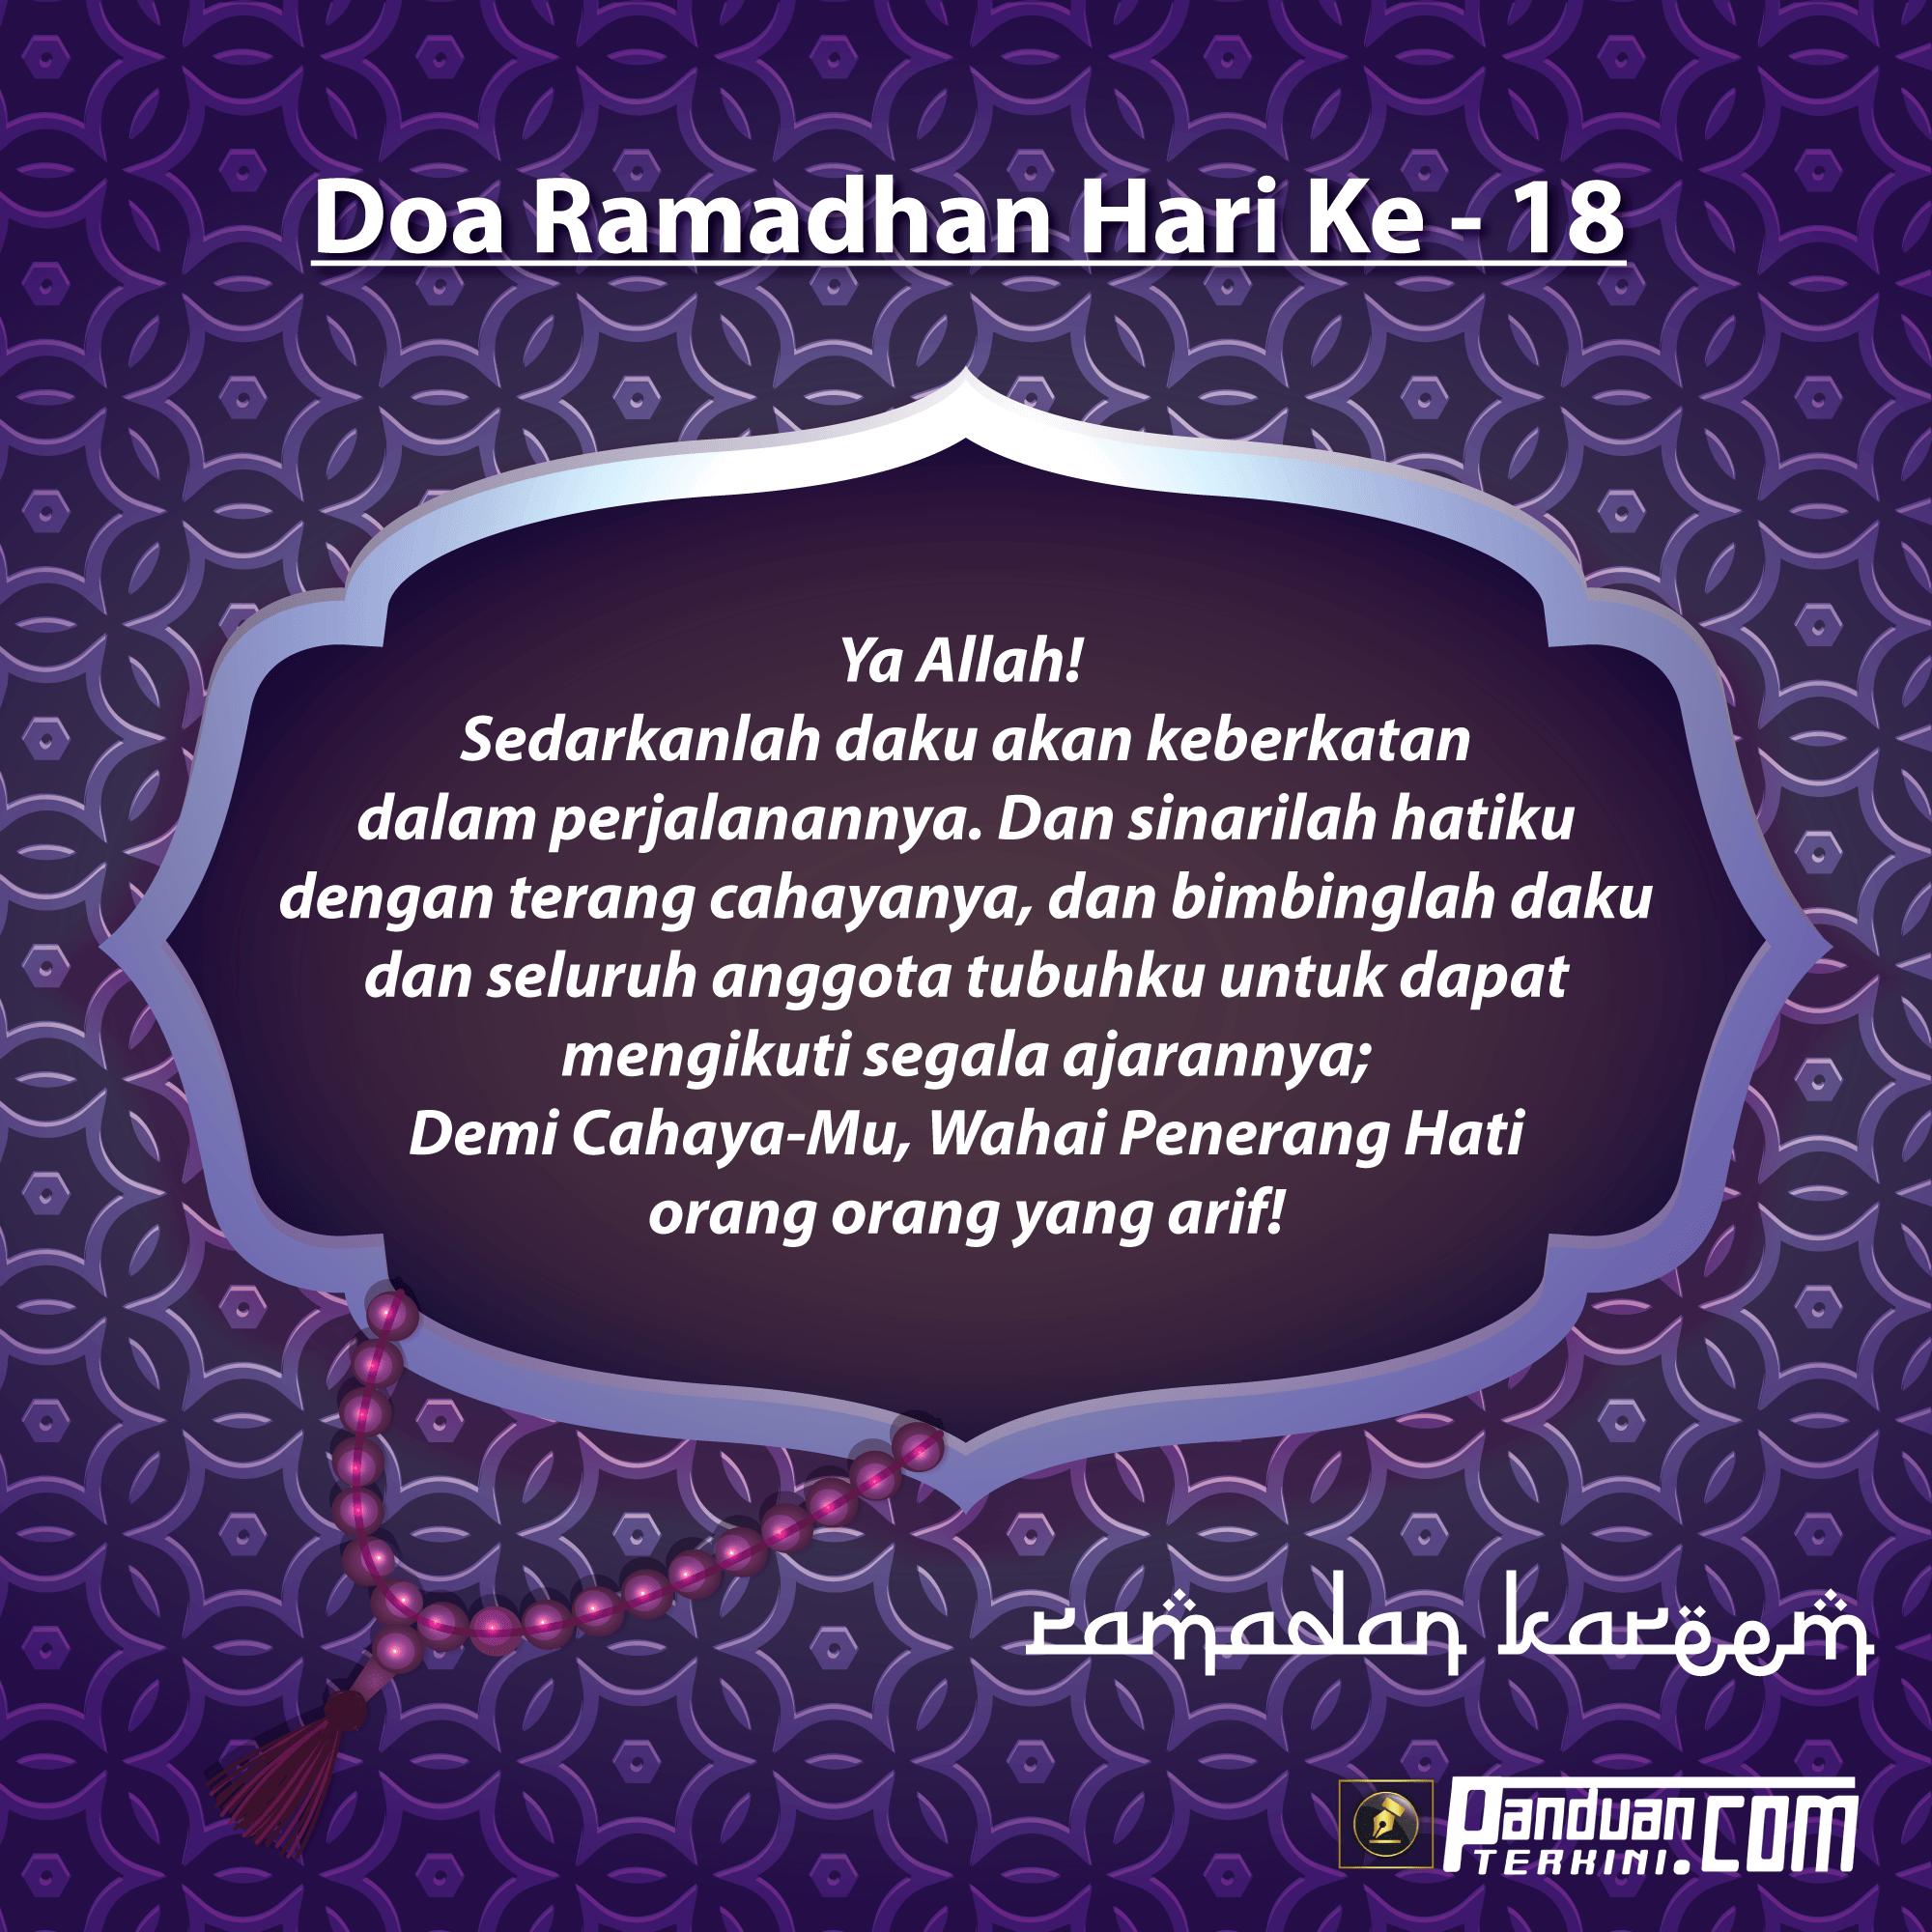 Doa Ramadhan Hari Ke-18